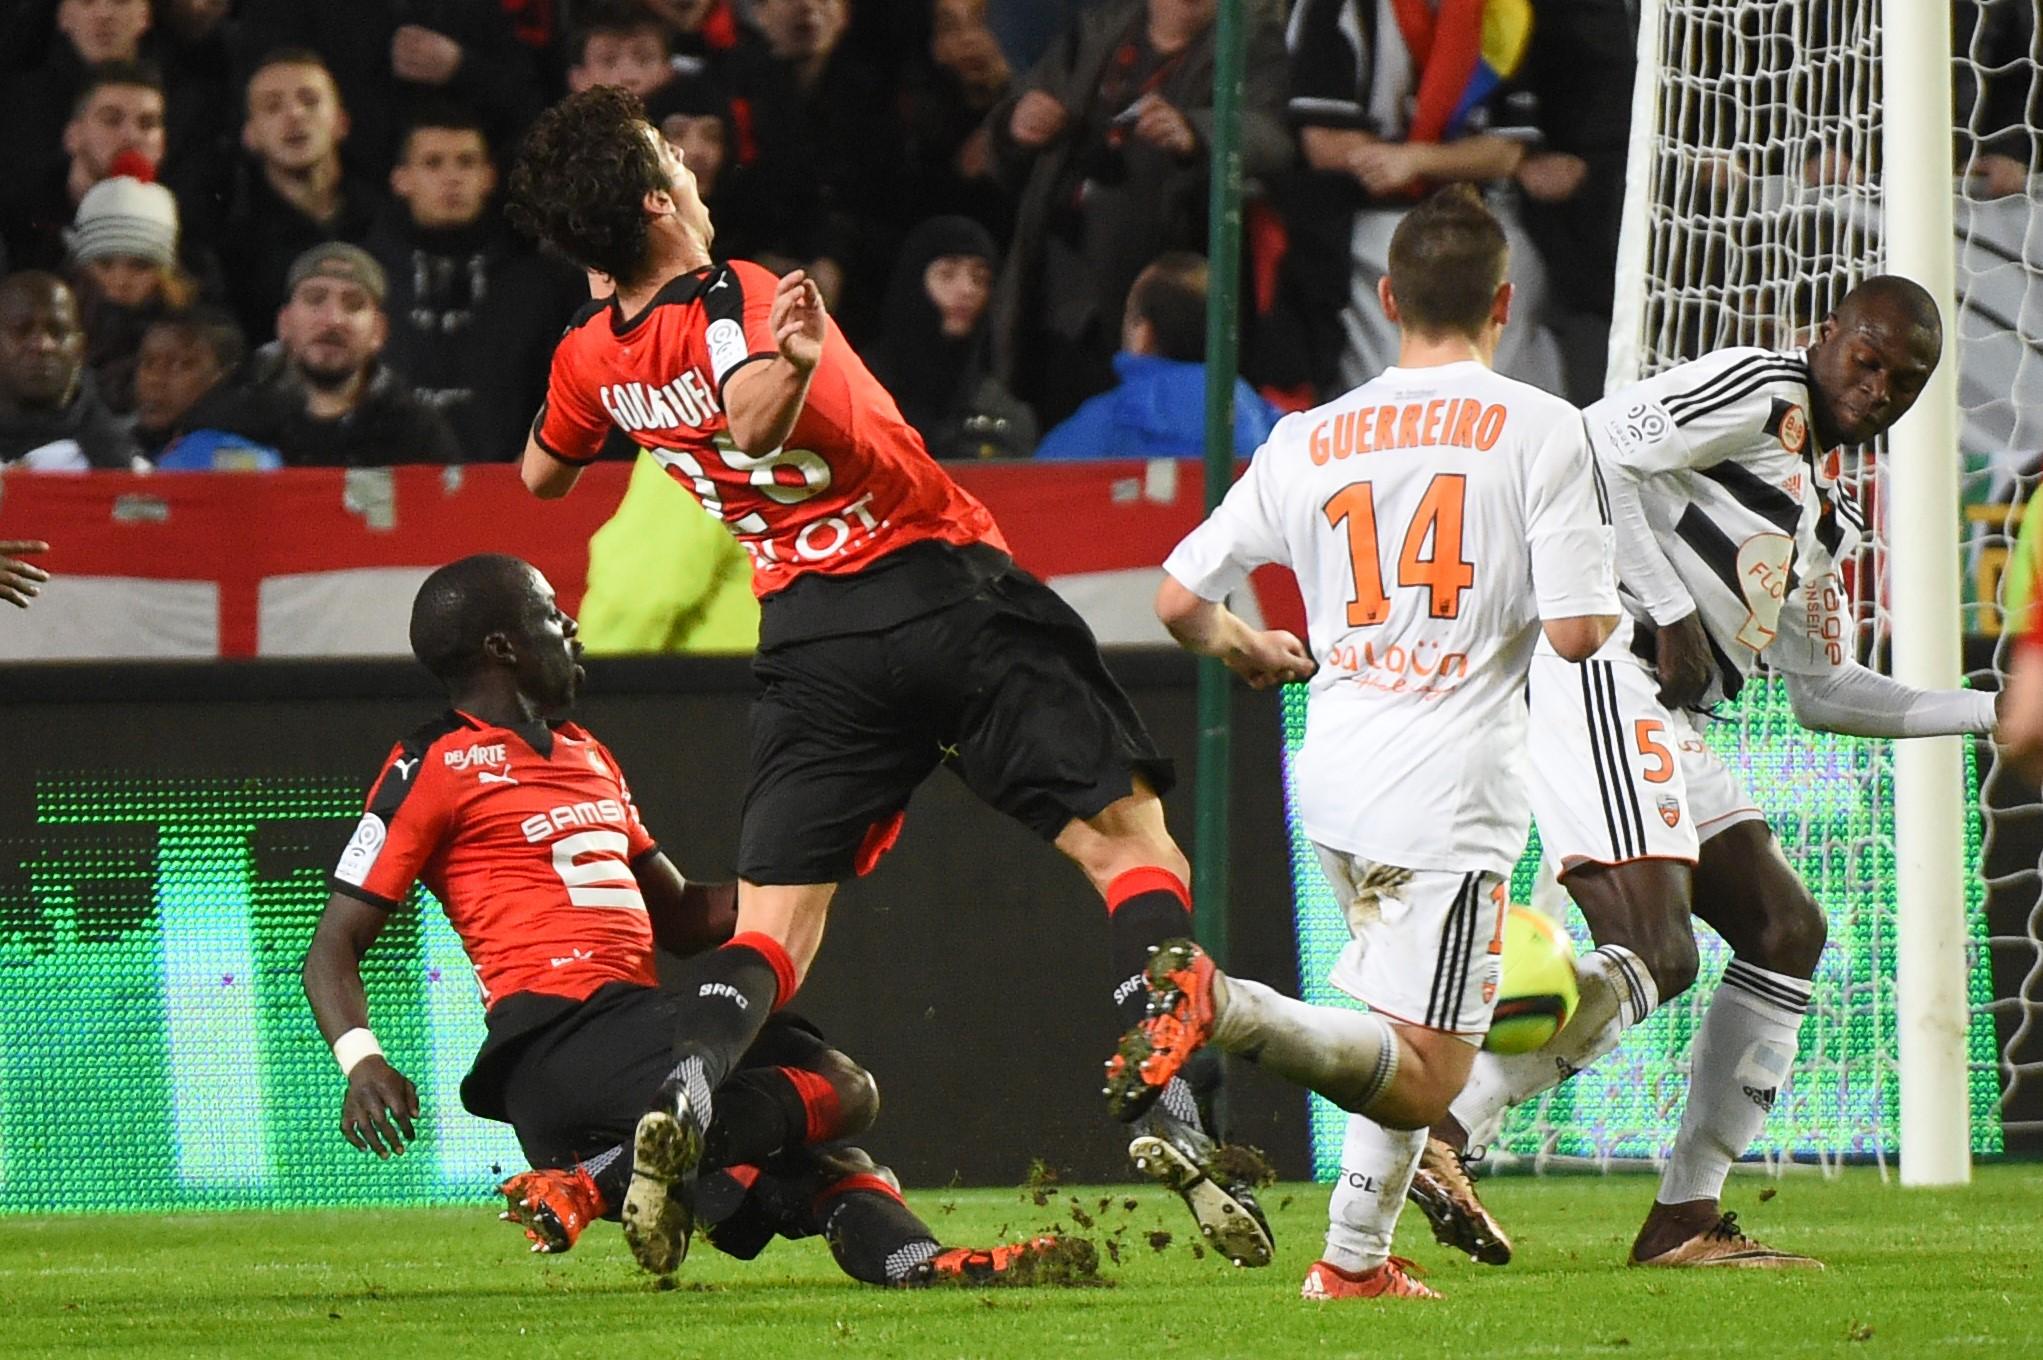 Yoann Gourcuff fauché par son coéquipier Mbengue face à Lorient